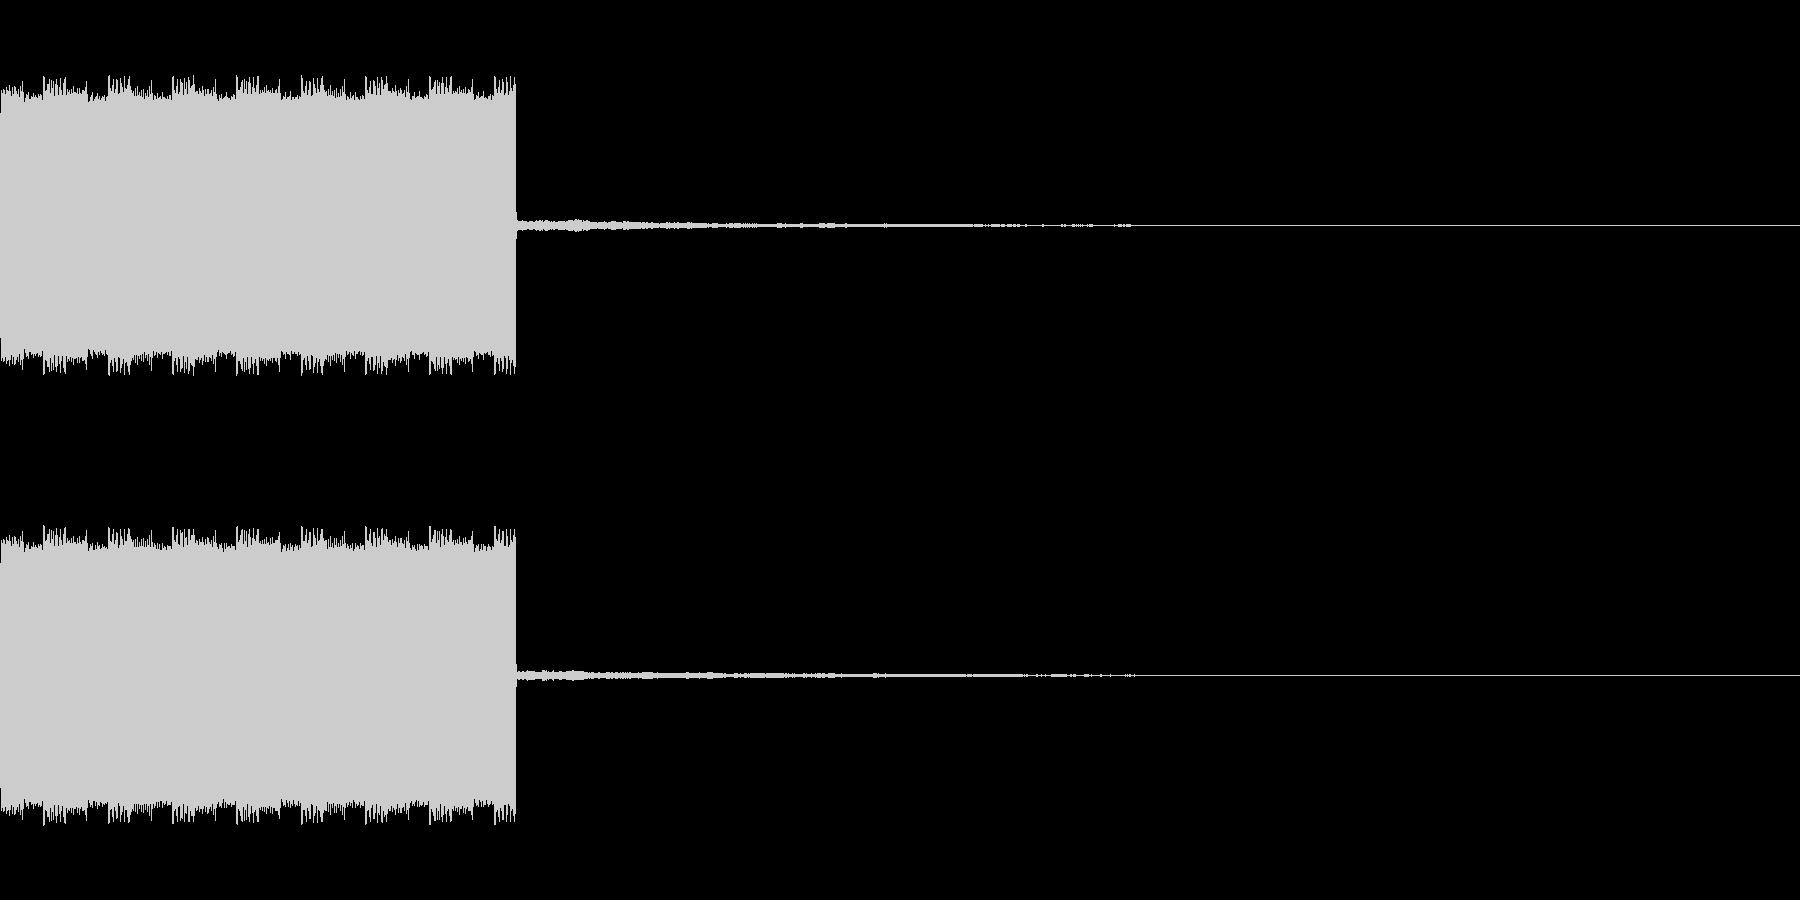 自主規制音1 ピロピロ ショートの未再生の波形